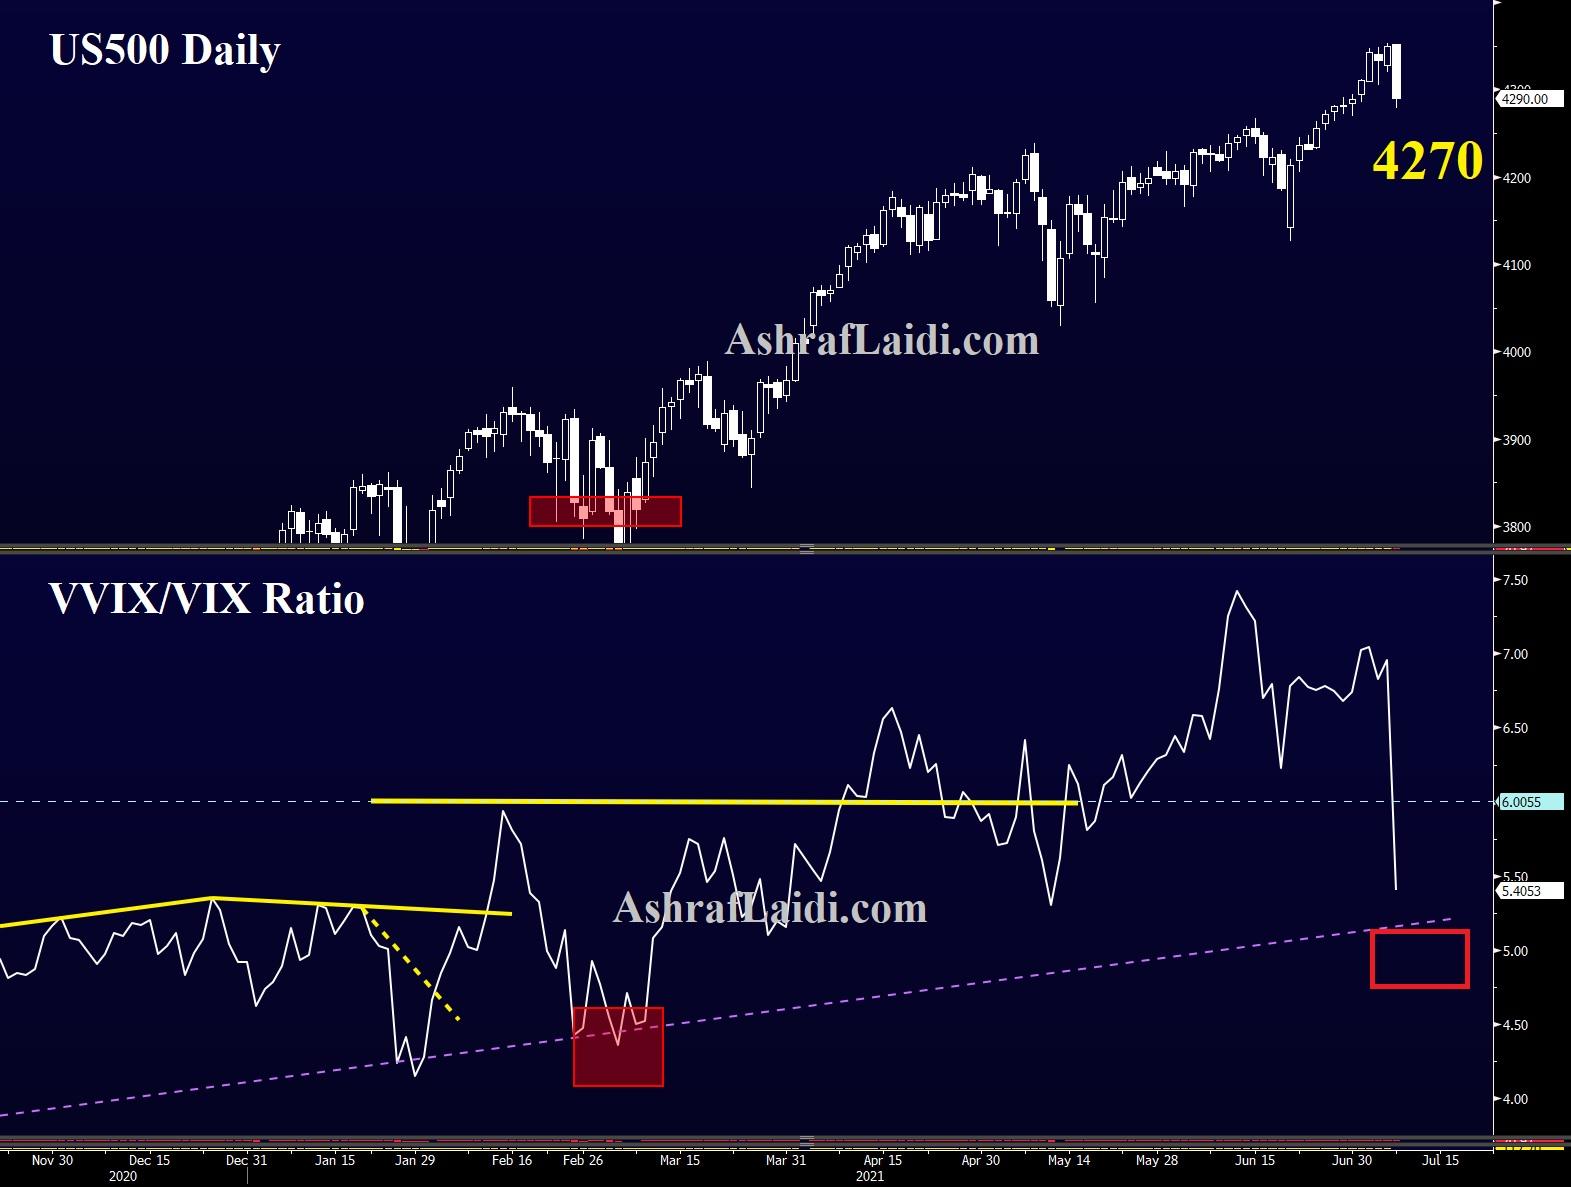 US500 & VVIX/VIX Ratio Daily Chart